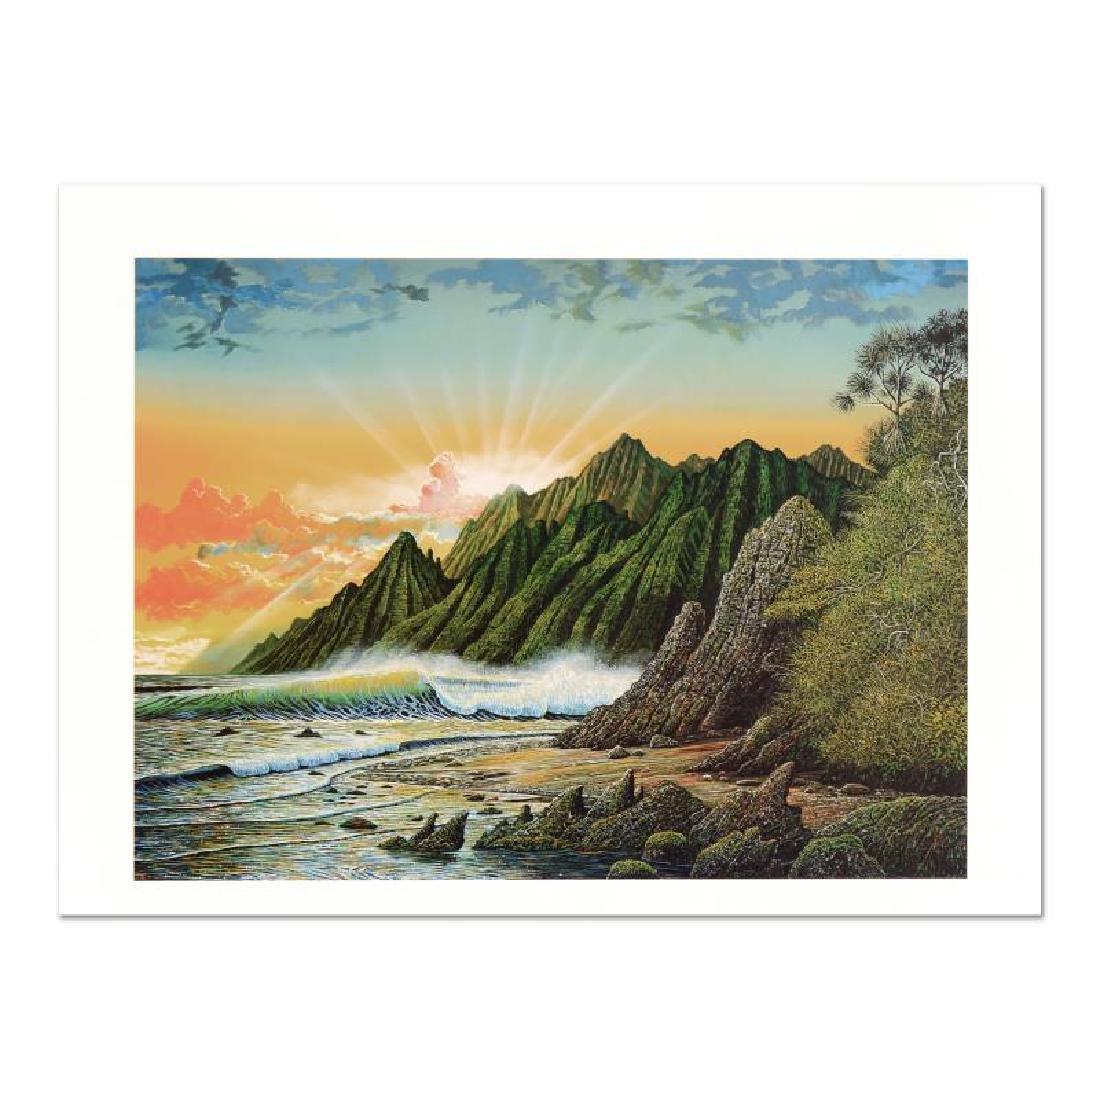 Reawakening the Sea by Nelson, Robert Lyn - 2